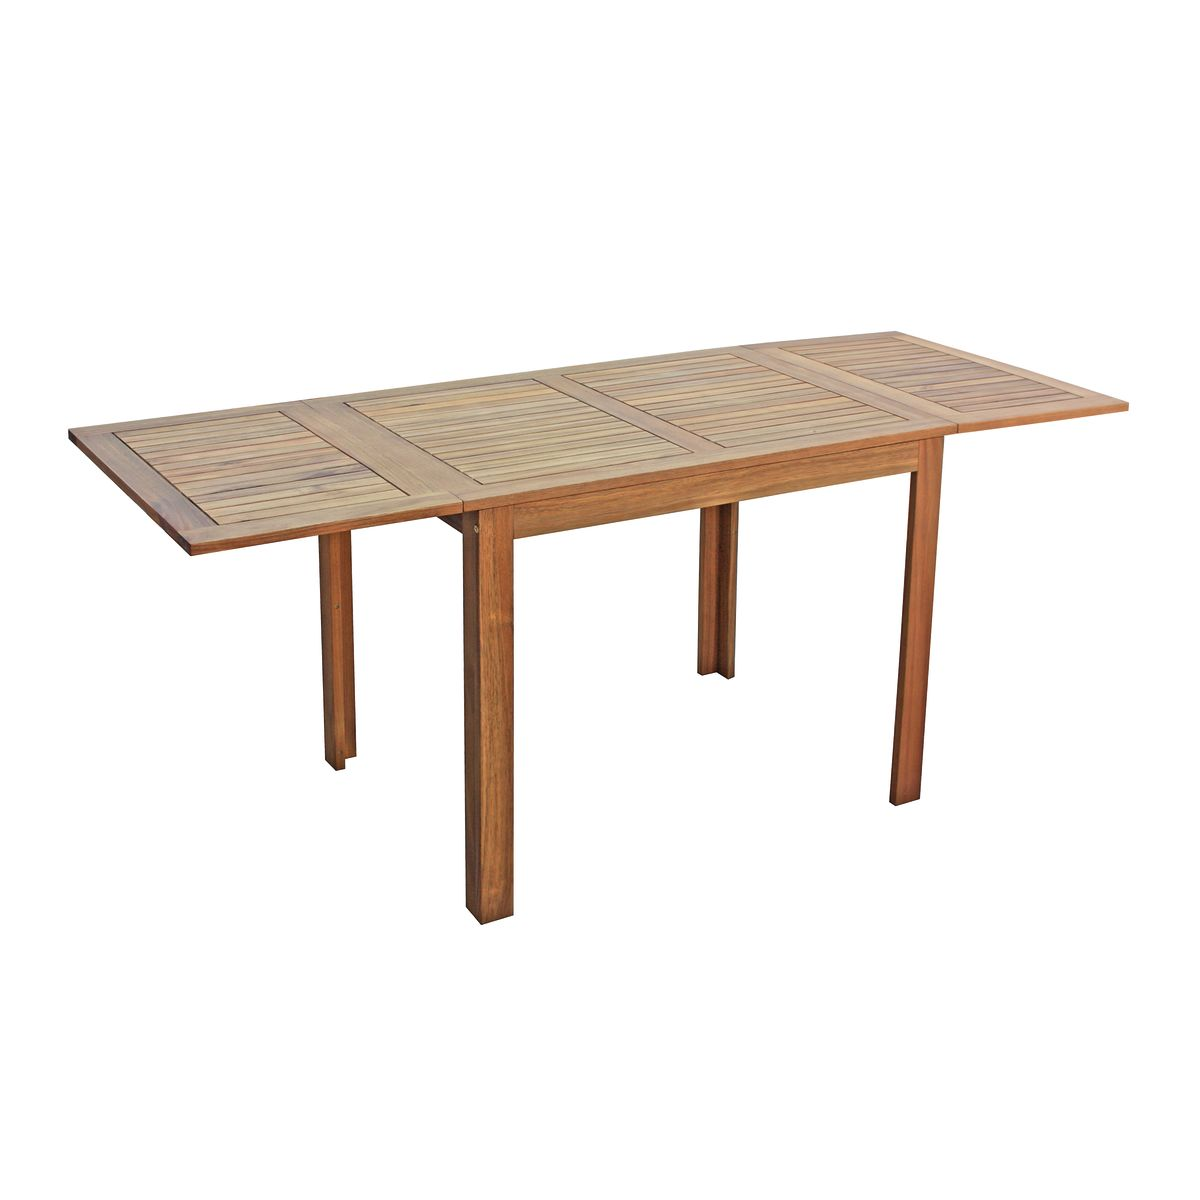 Ikea tavoli giardino allungabili - Tavolo esterno ikea ...